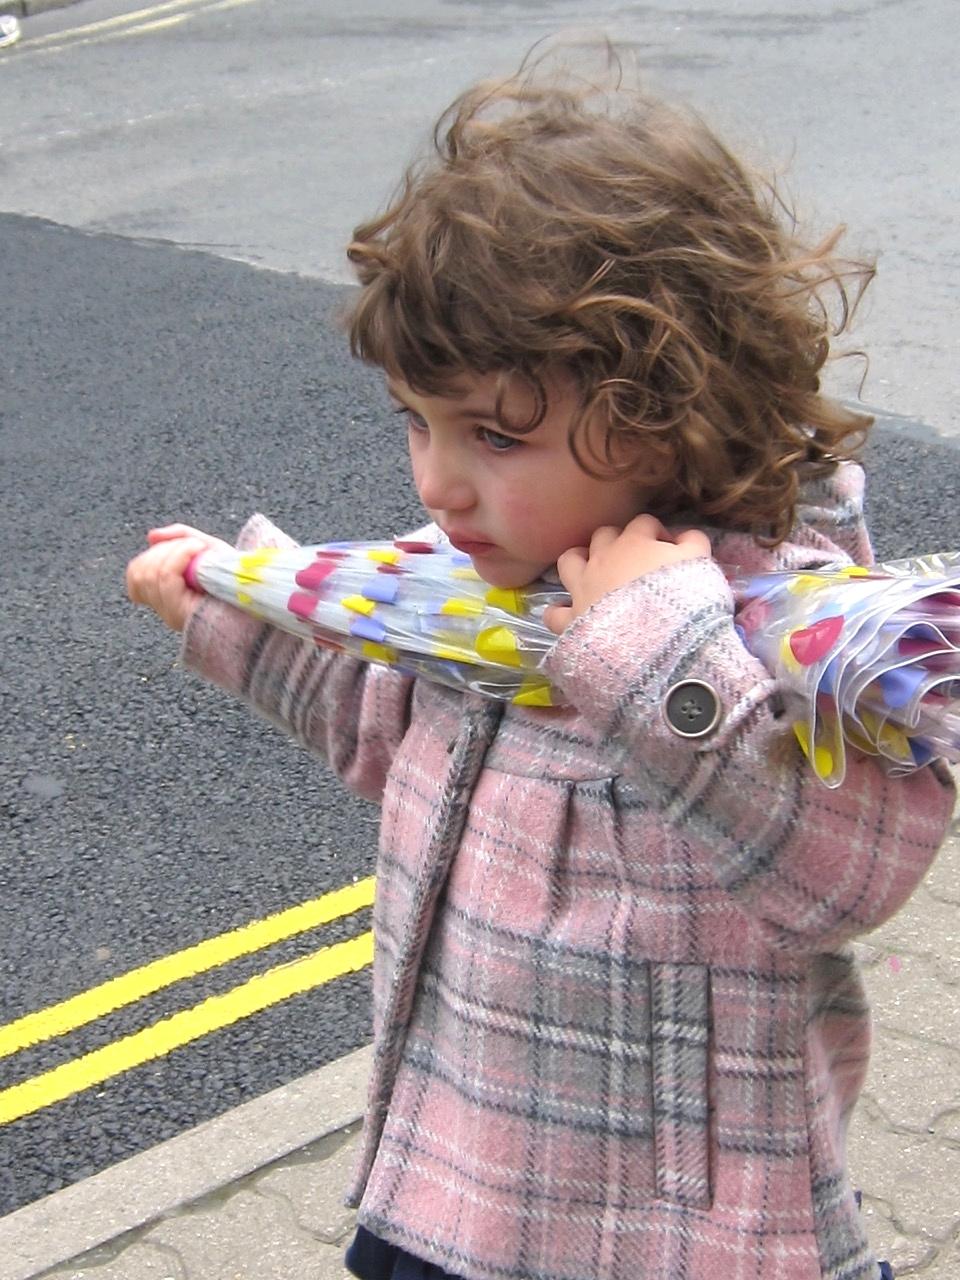 Wales Little Girl.jpg